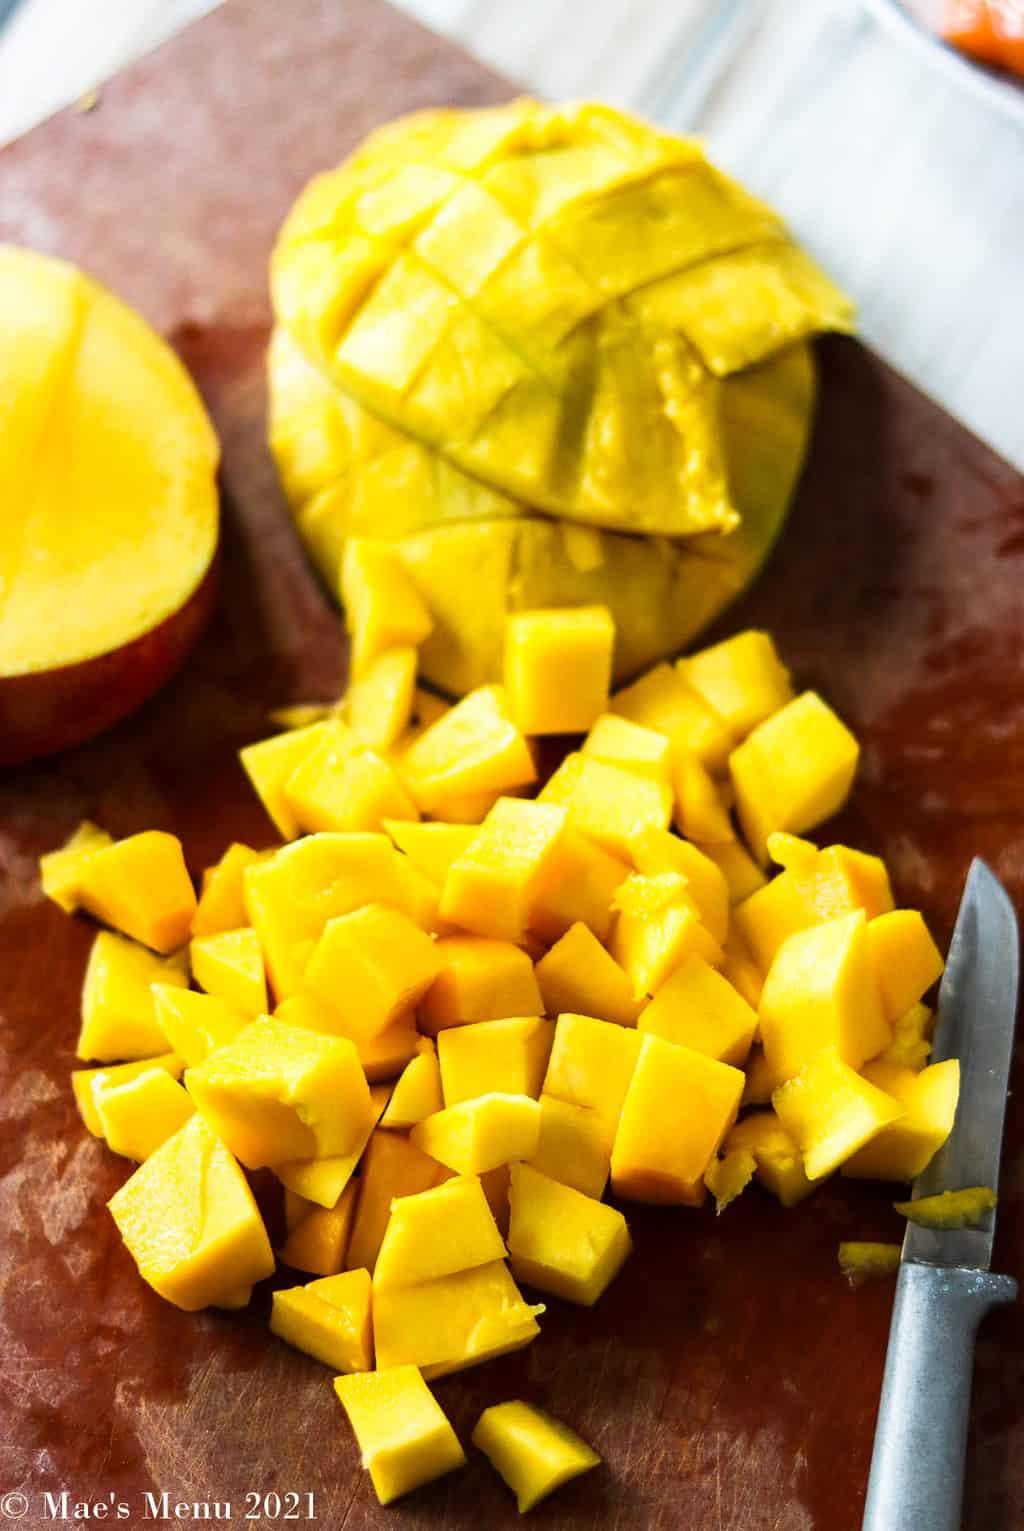 Diced mango on a cutting board